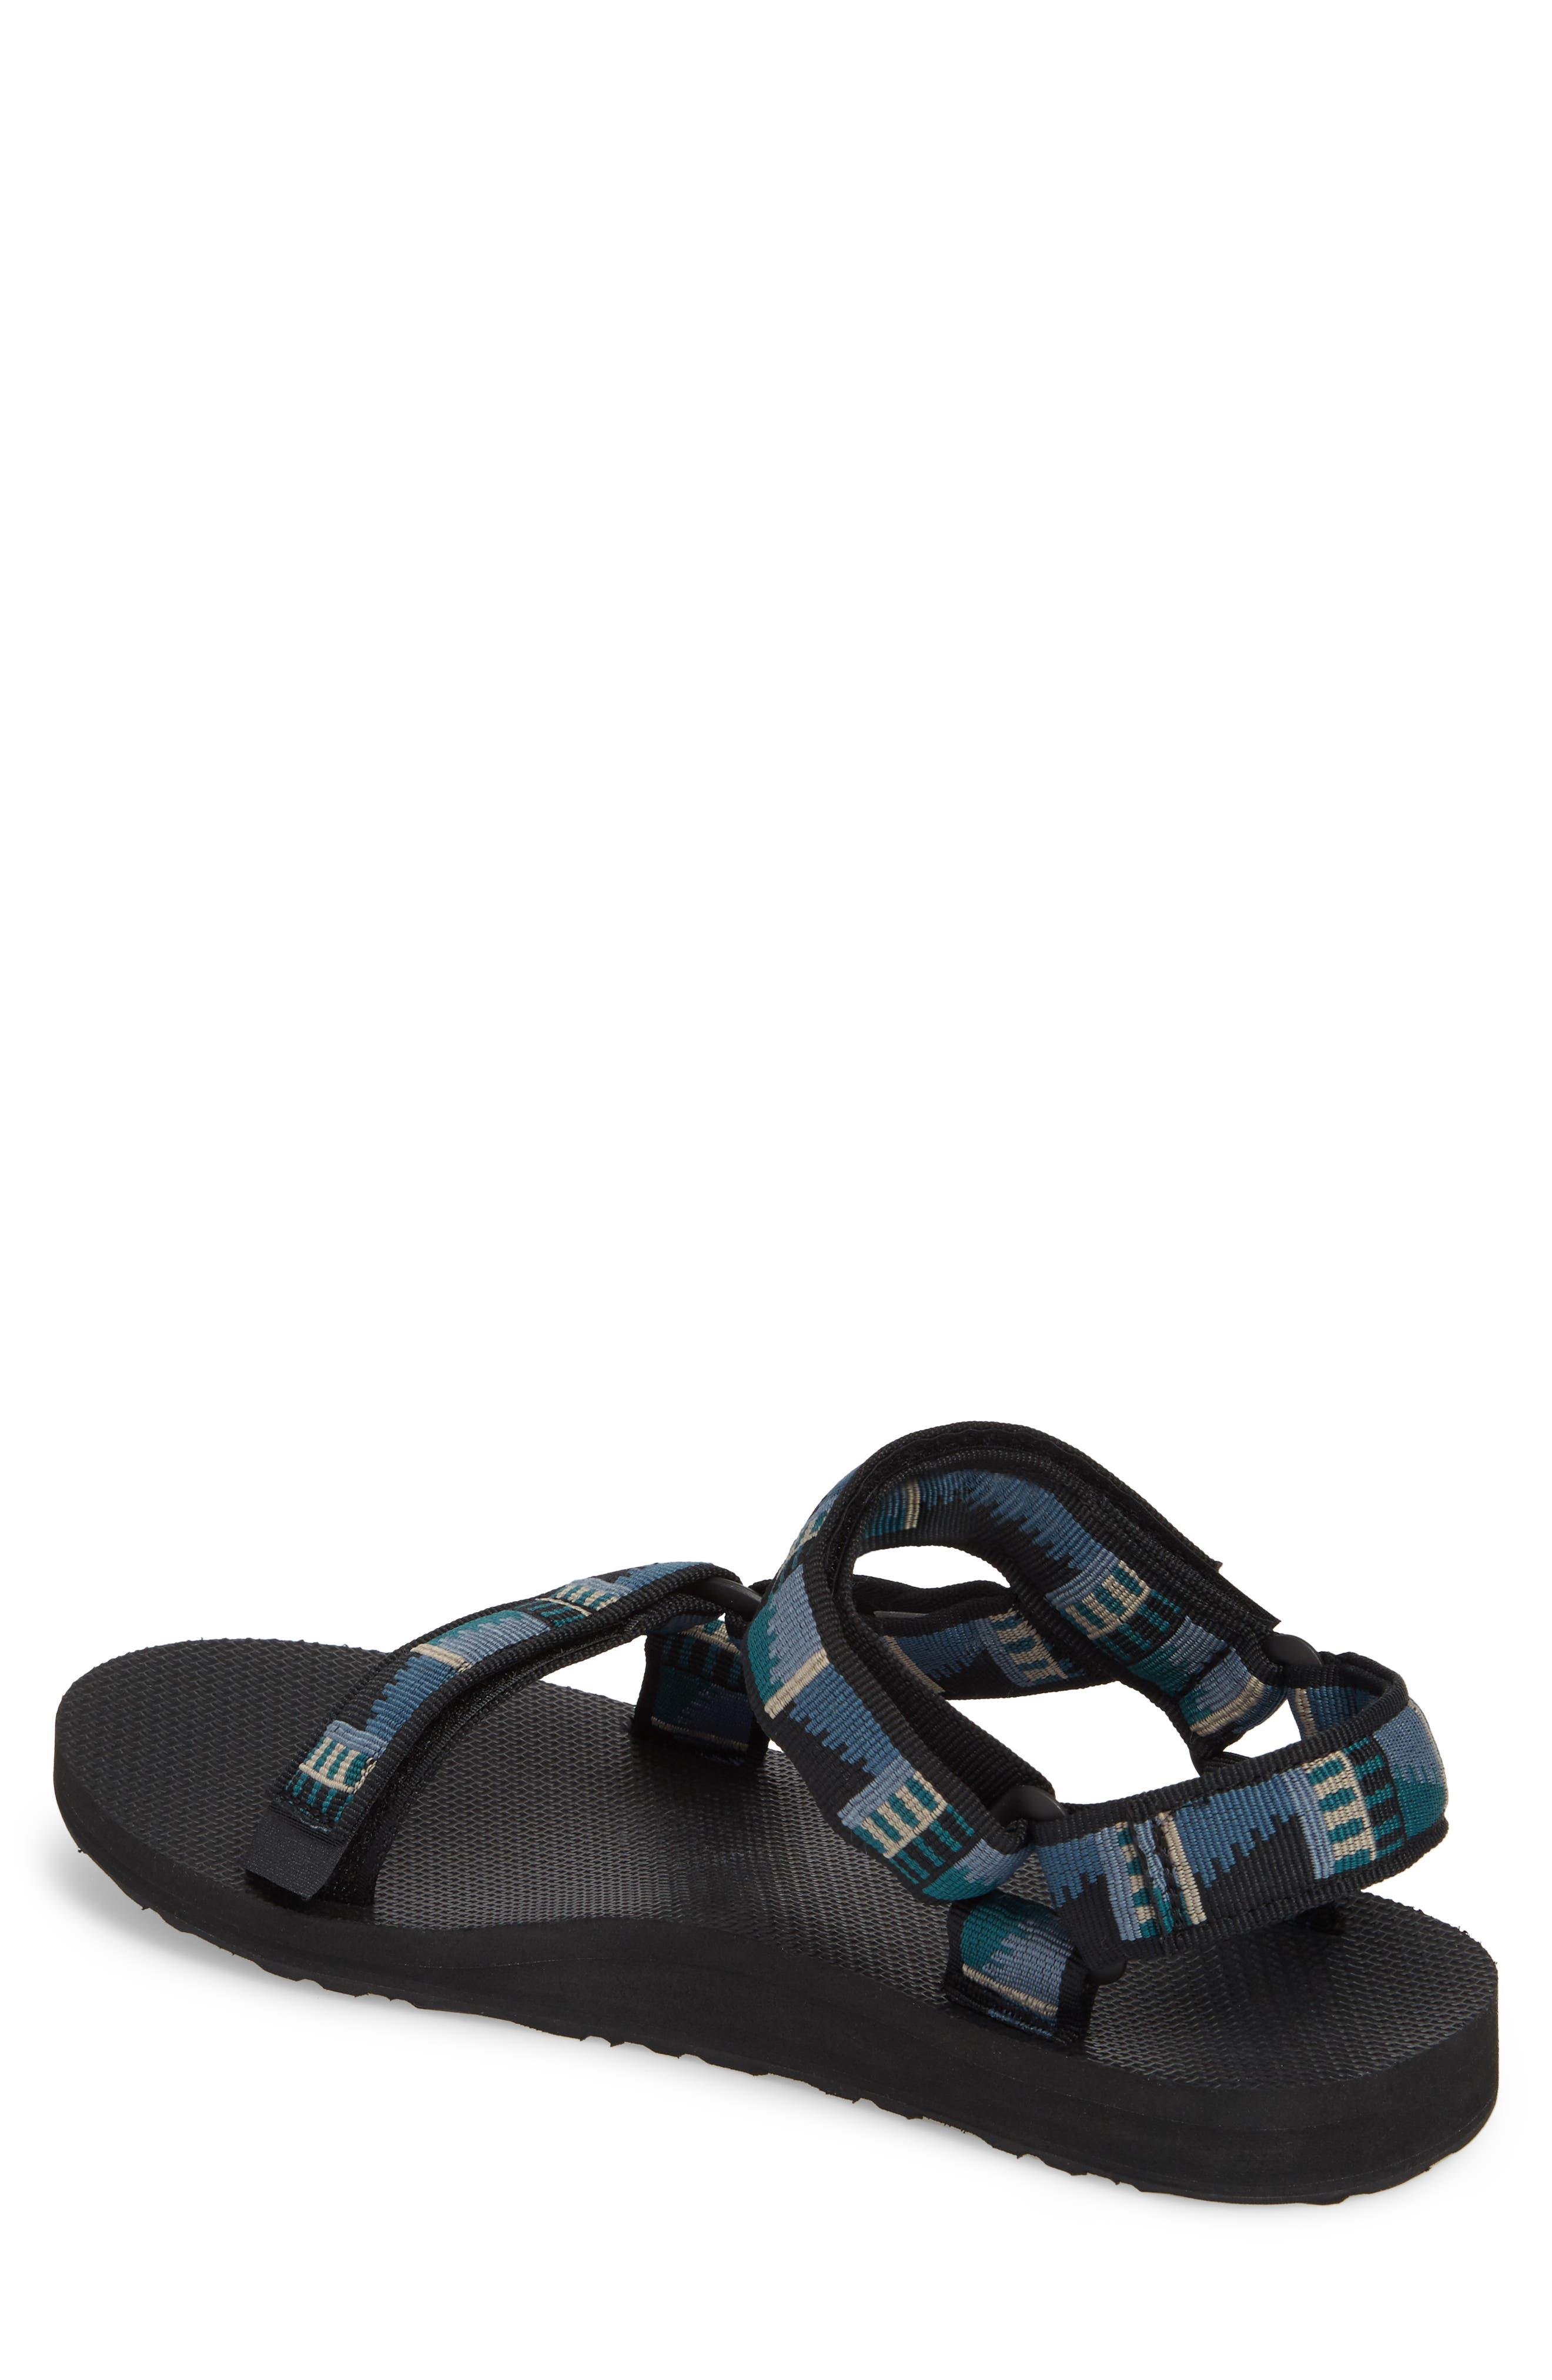 Original Universal Sandal,                             Alternate thumbnail 2, color,                             BLACK NYLON